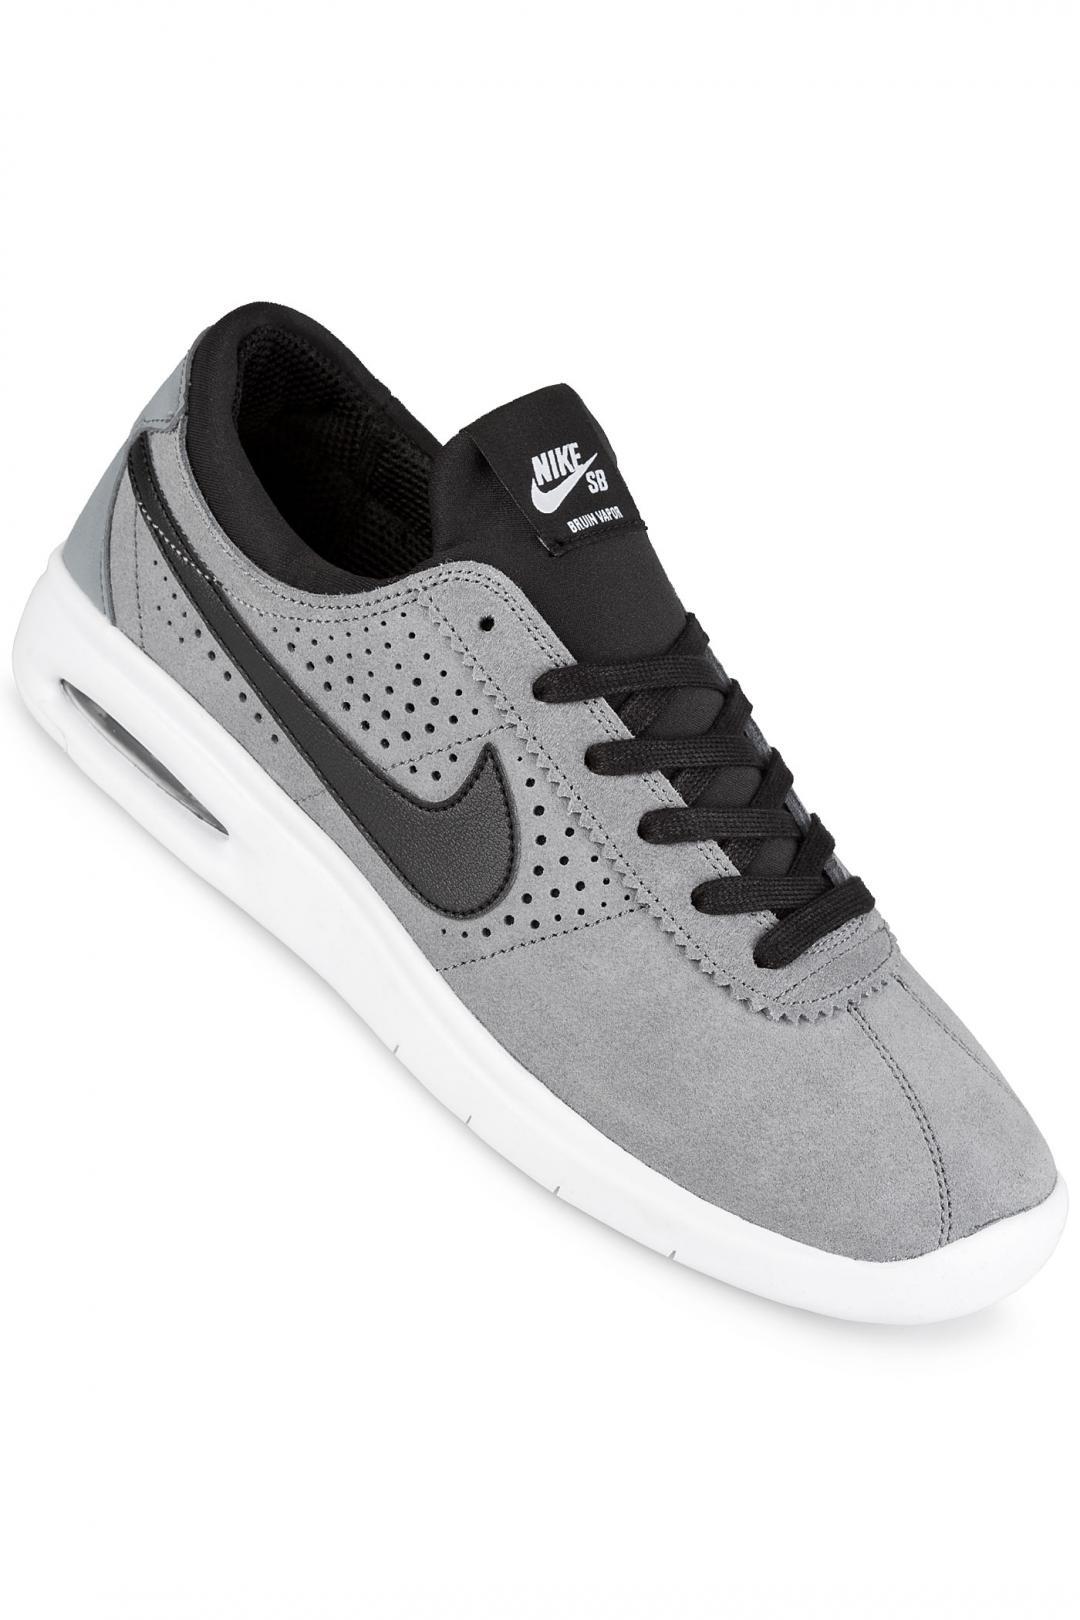 Uomo Nike SB Air Max Bruin Vapor cool grey black | Sneakers low top